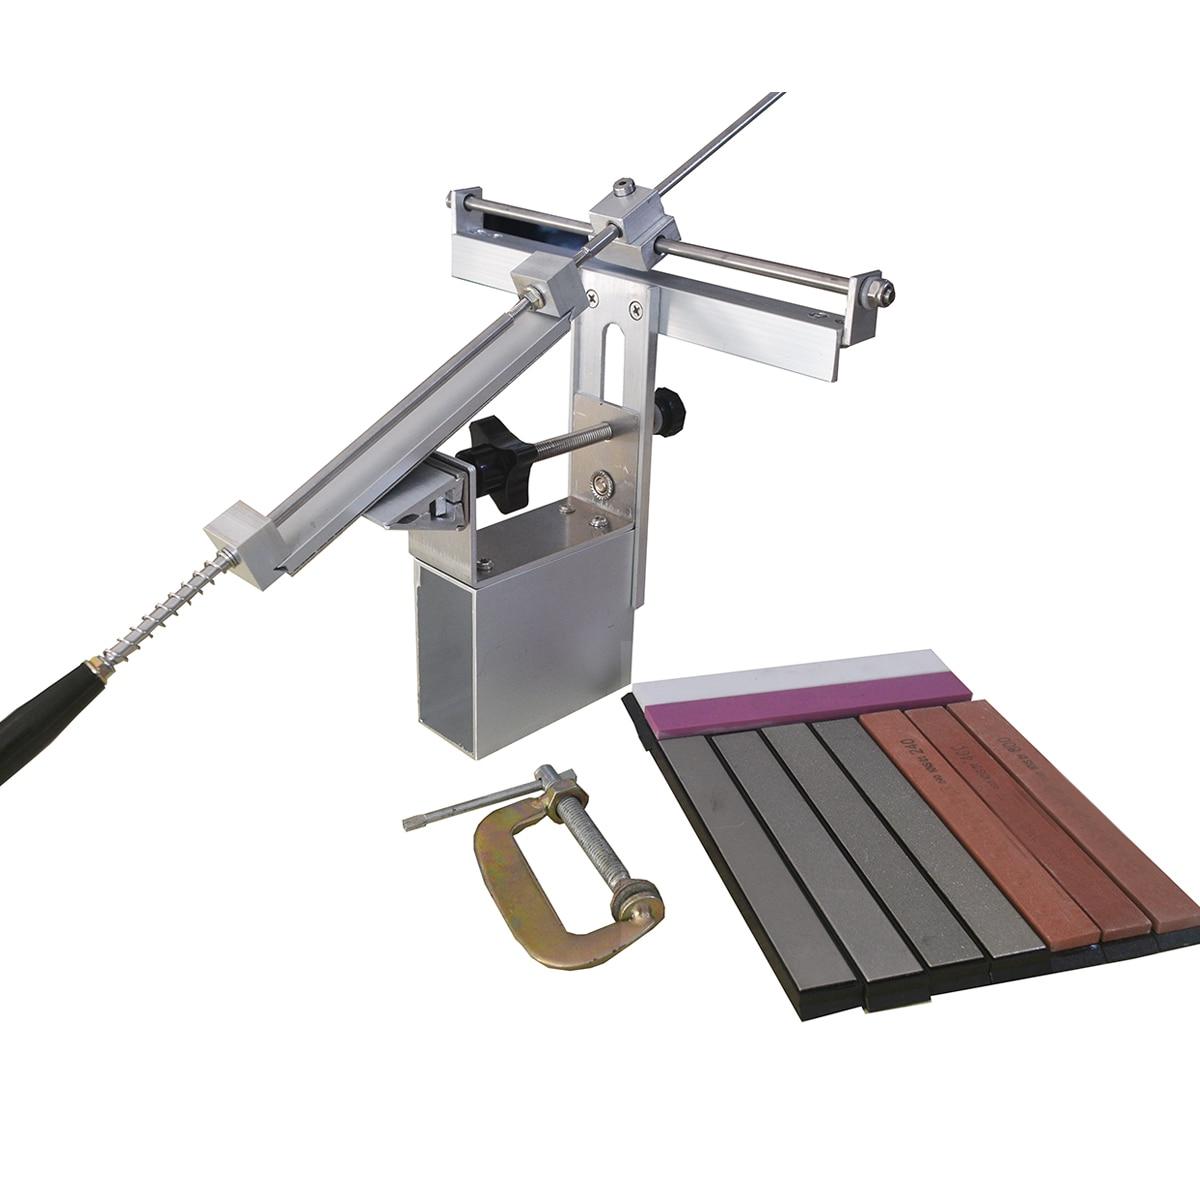 Afiador de faca de cozinha sistema atualização profissional pro apex afilador cuchillo ferramentas kme diamante pedra amolar